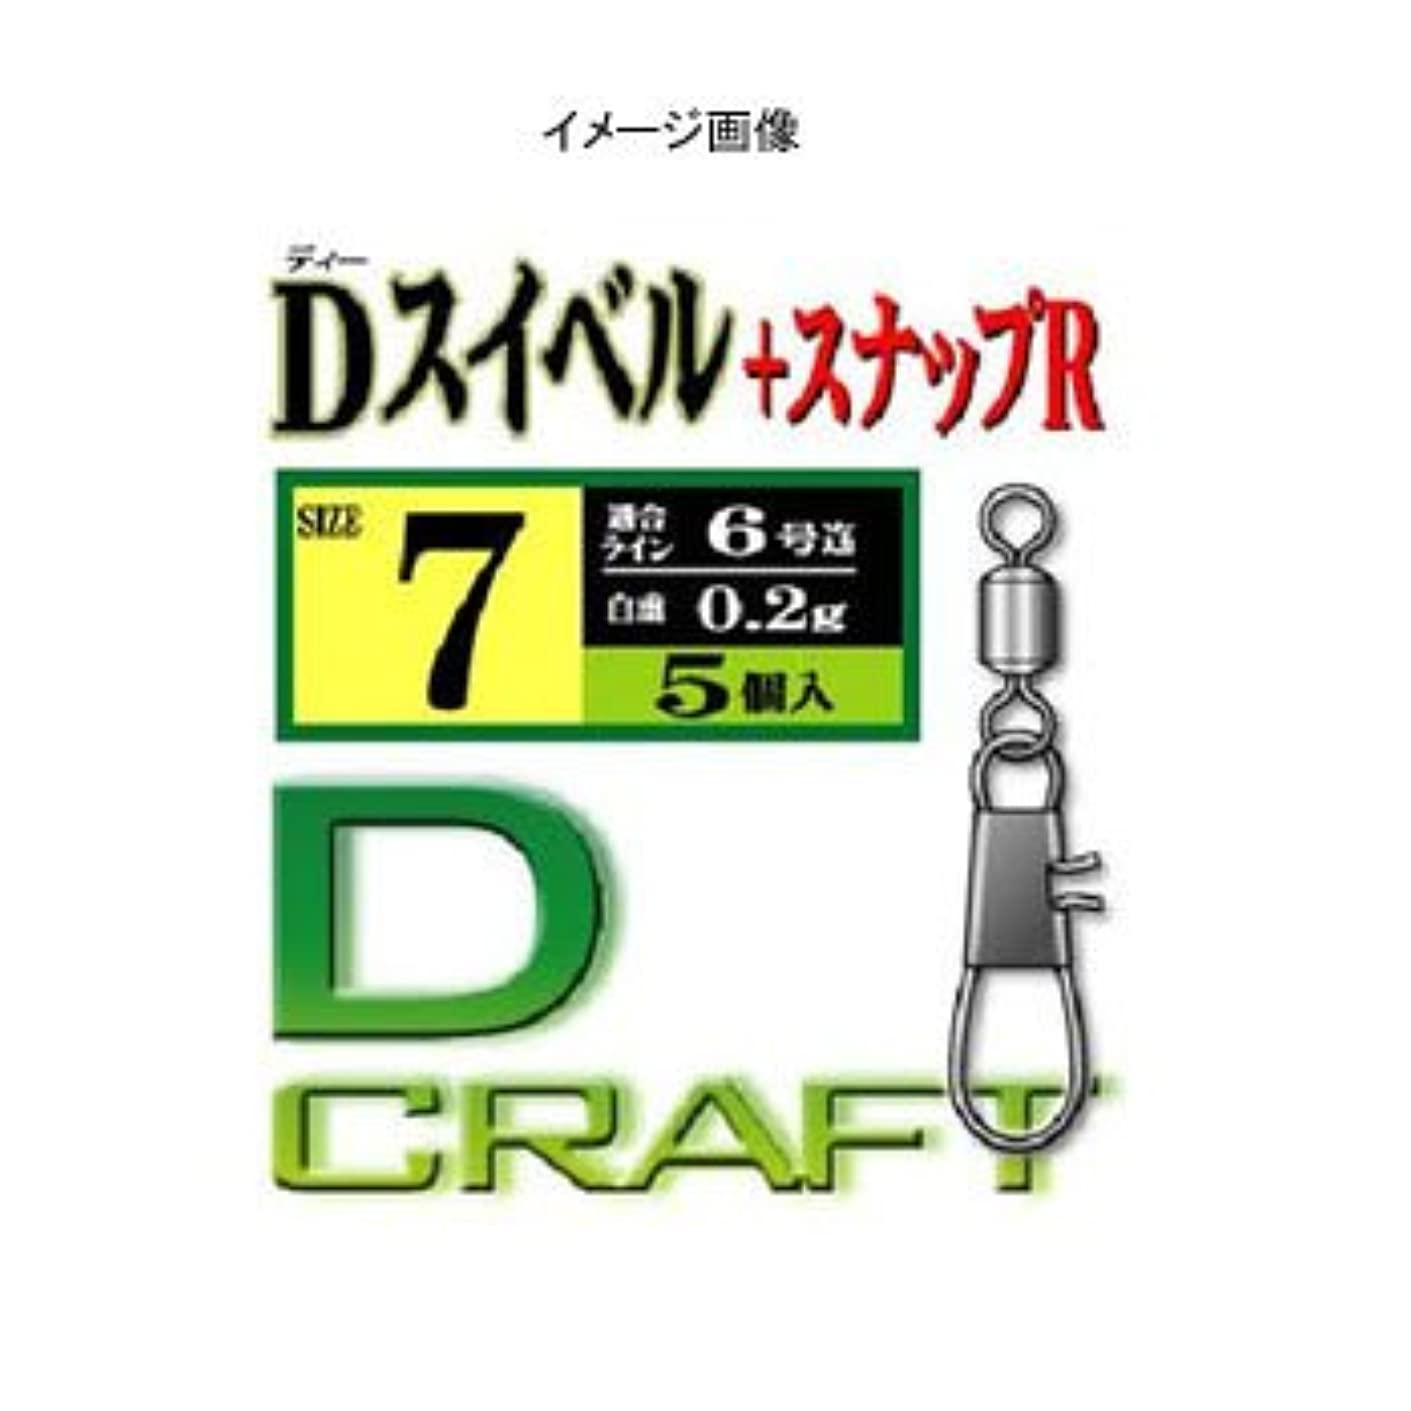 地下眠っている雑多なダイワ(Daiwa) スイベル スナップ Dスイベル+スナップ 10 徳用 758123